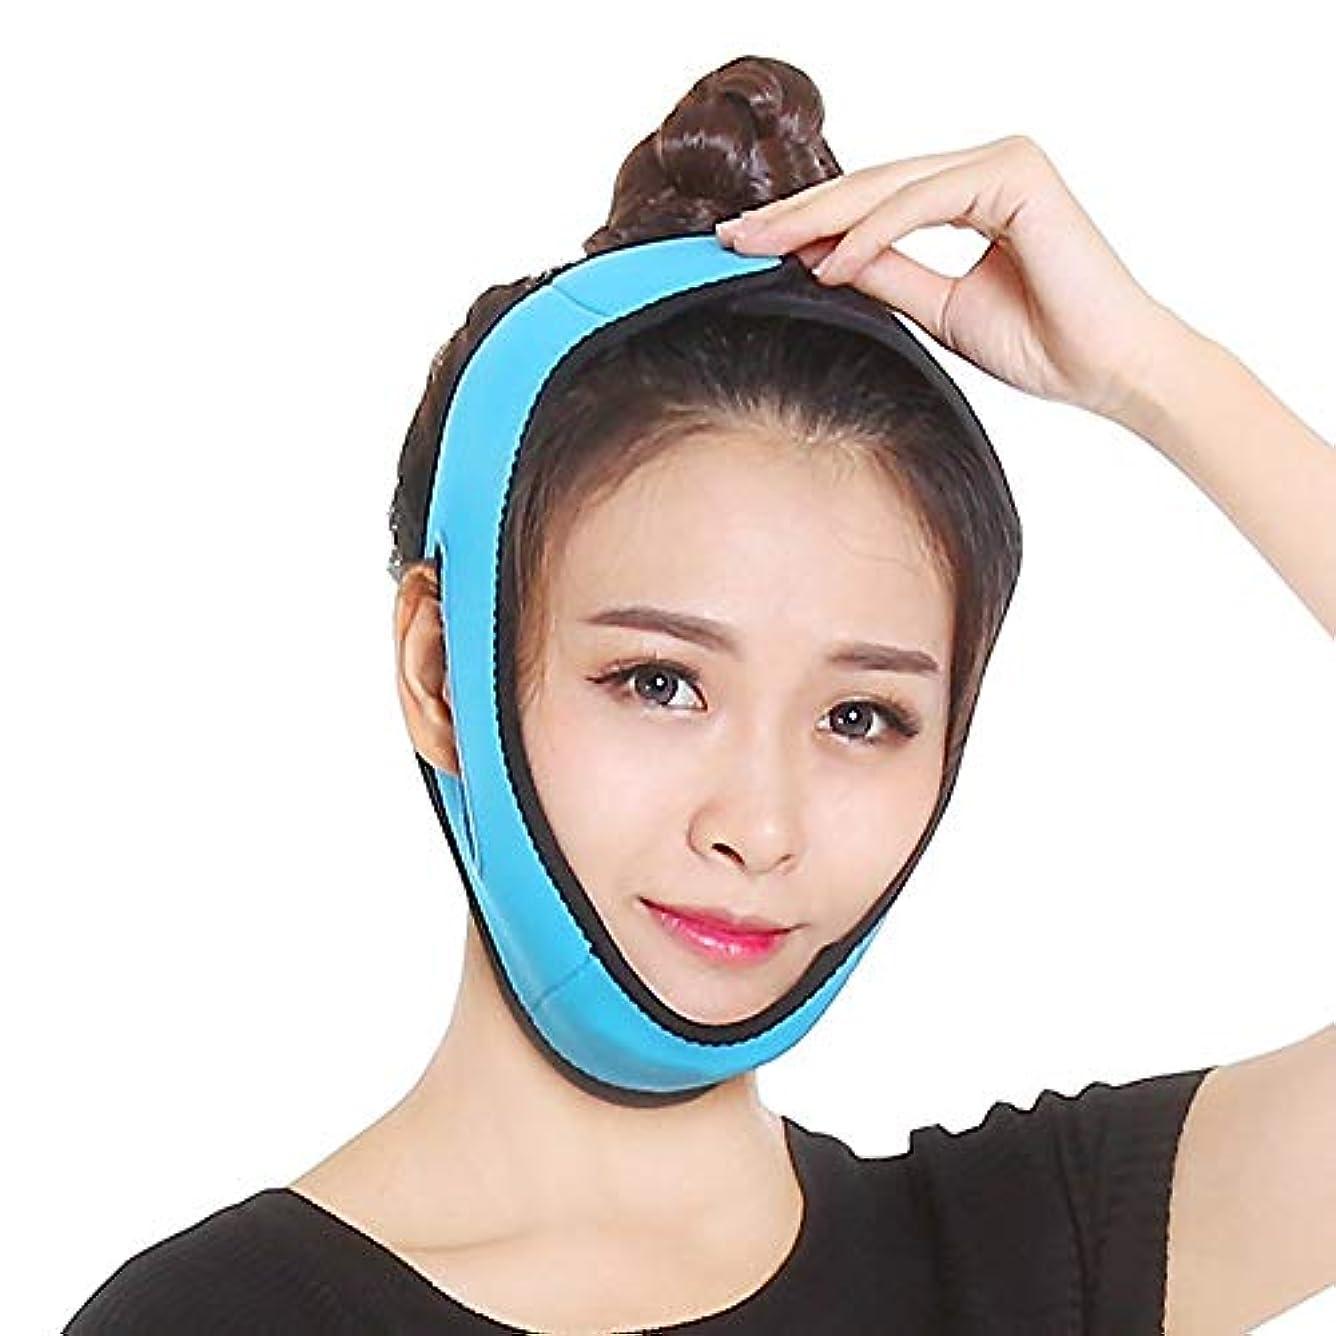 財団回想喉が渇いたJia Jia- フェイシャルリフティングスリミングベルト - 薄いフェイス包帯二重あごデバイス無料フェイシャルマッサージ整形マスクを引き締める顔と首の顔スリム 顔面包帯